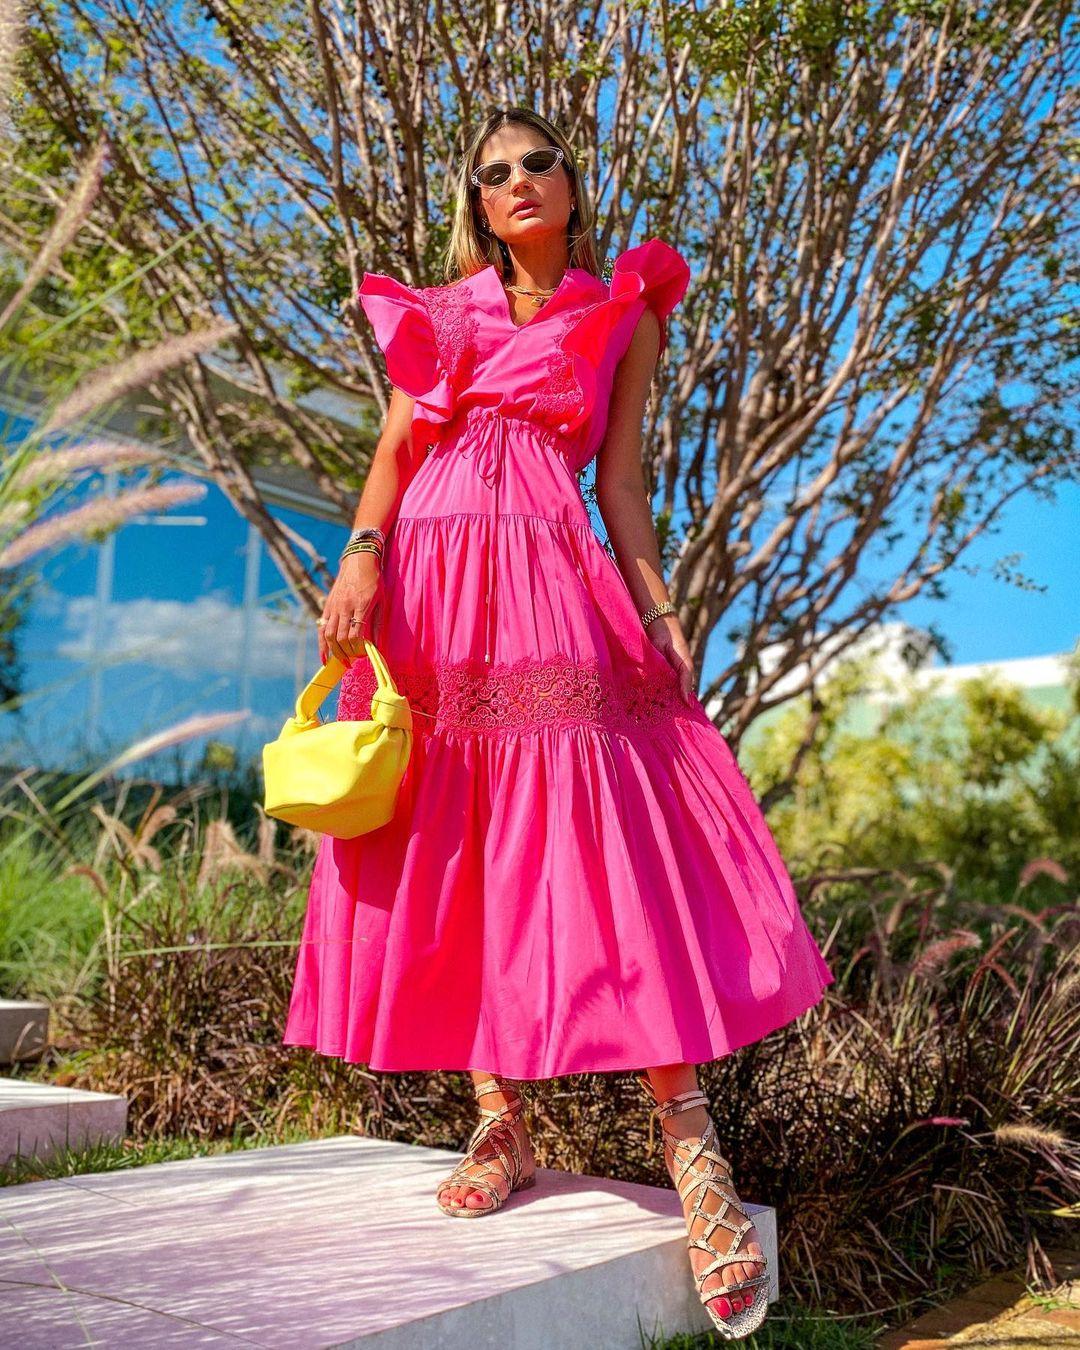 1612584560 177 echa un vistazo a las opciones para comprar y 30 - 40 modelos de vestidos rosas para un look que no pasa desapercibido